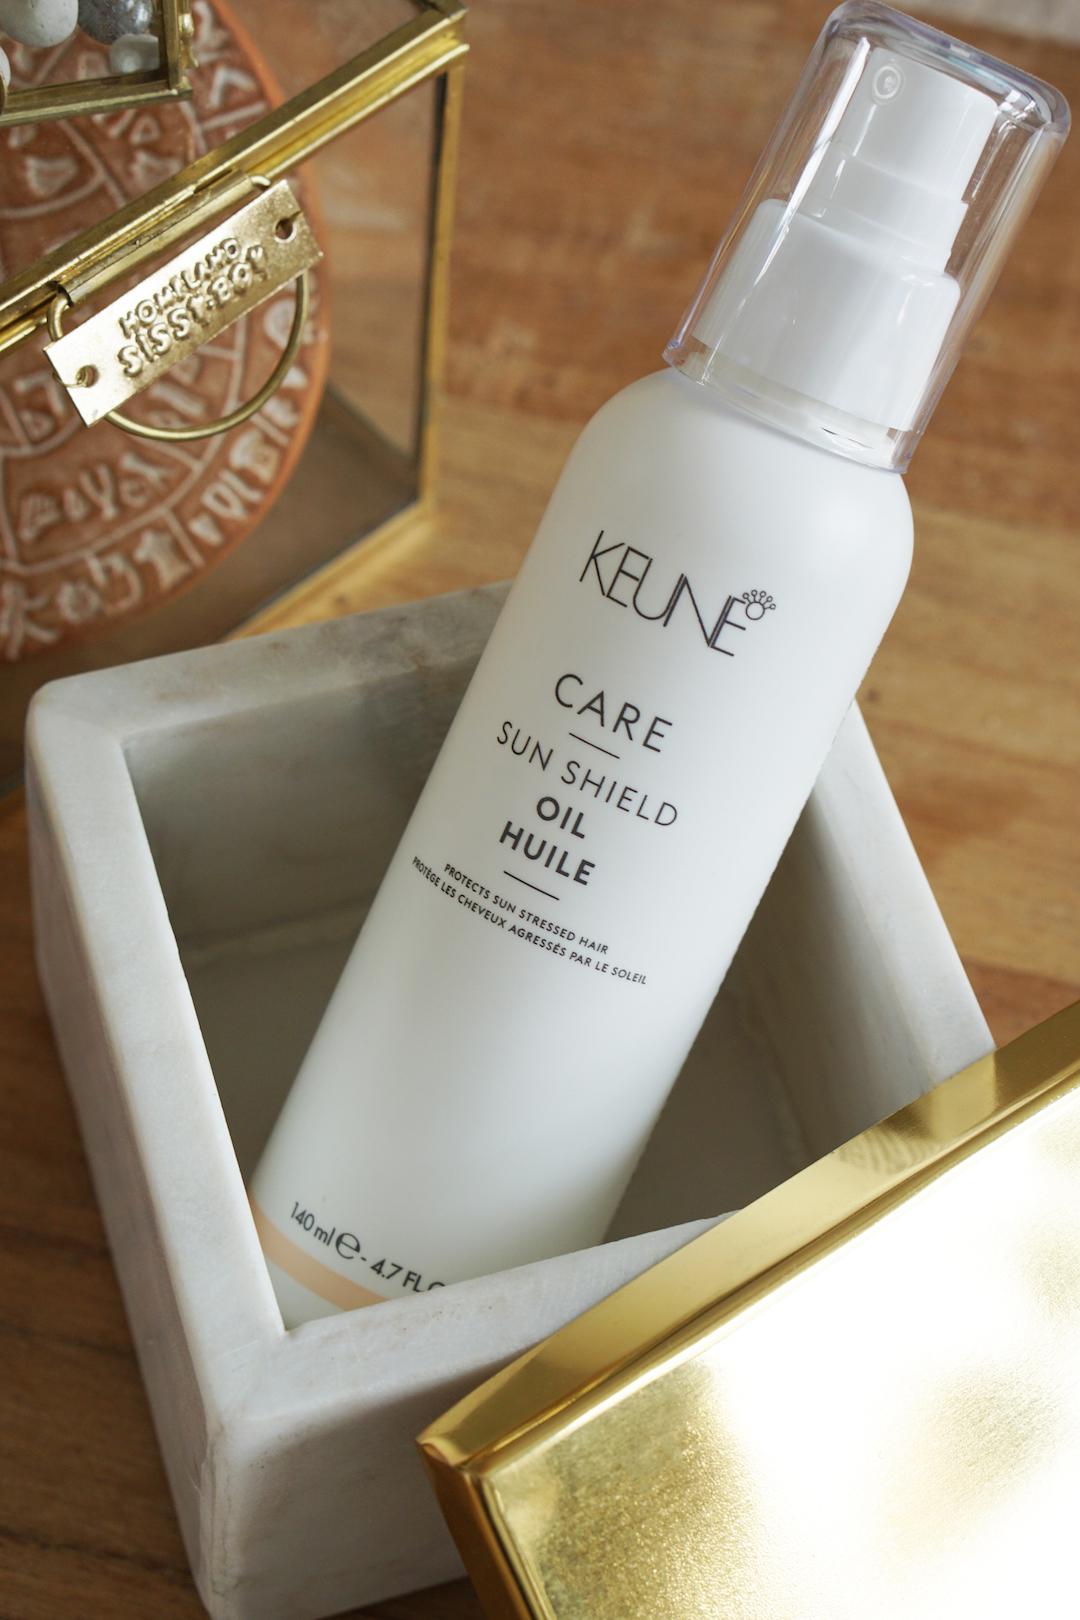 Keune Care Sun Shield, zonbescherming voor je haar